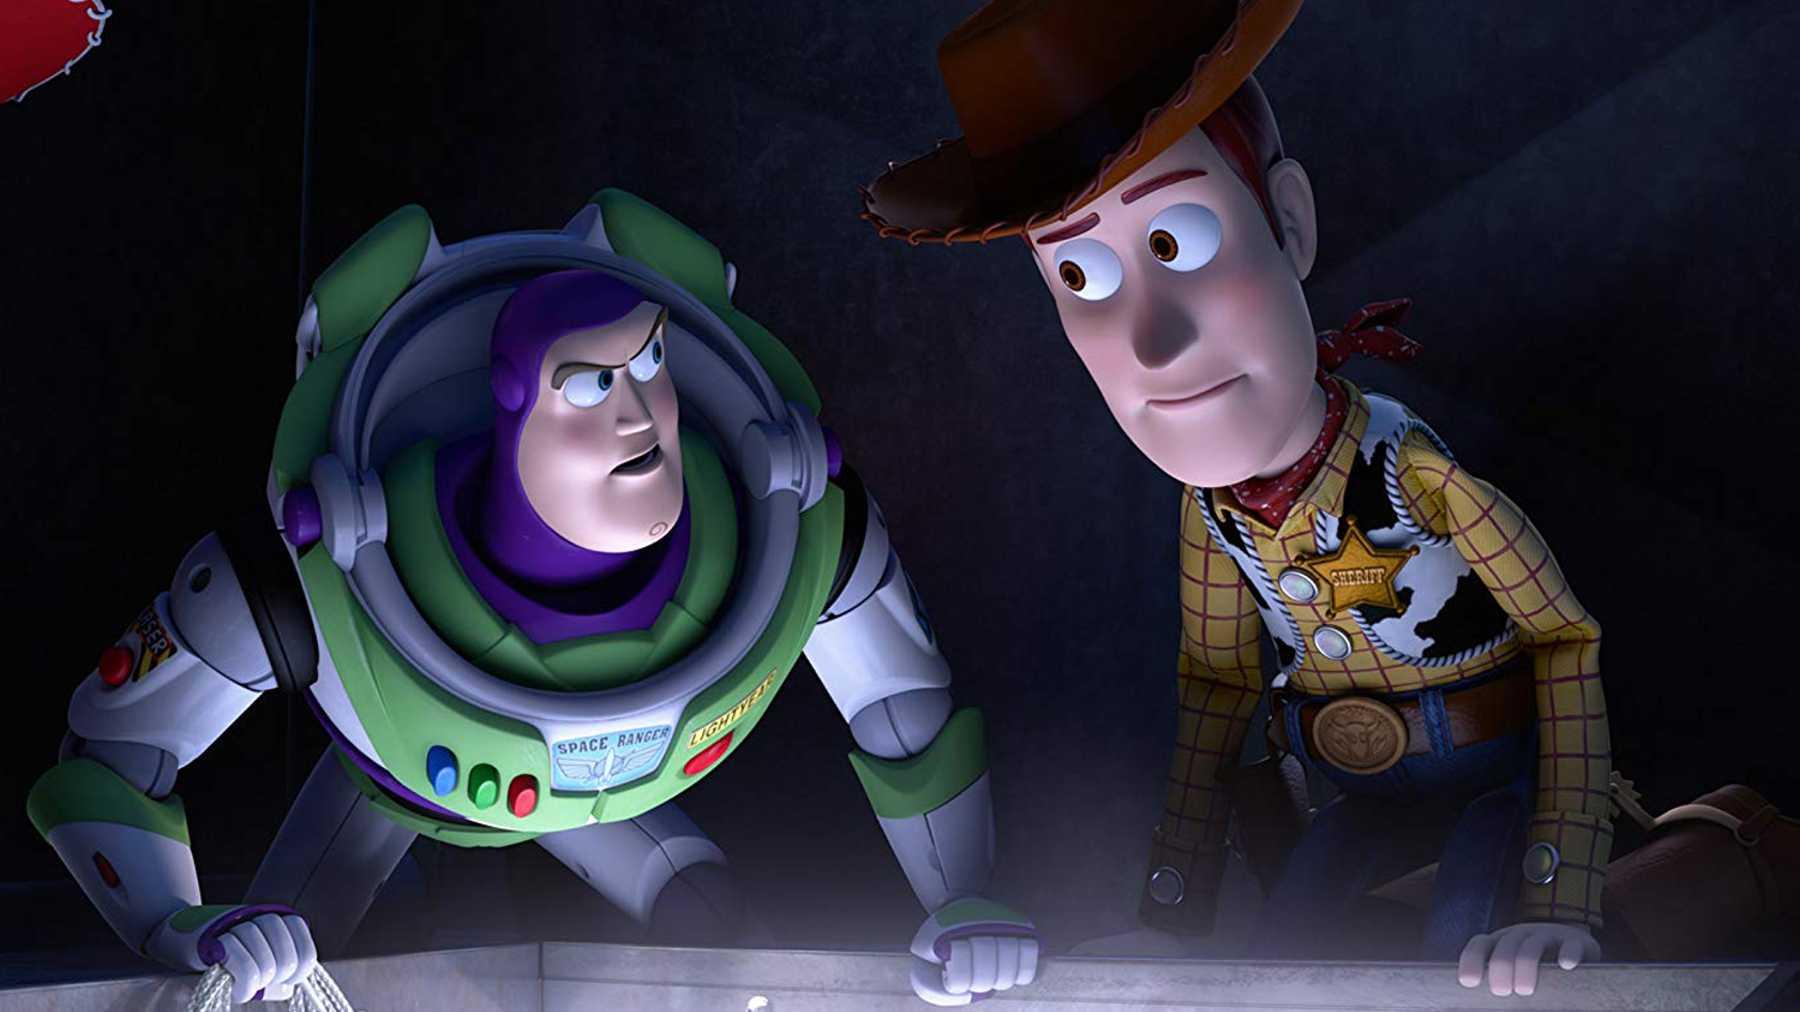 Ad ottobre quarto appuntamento con Toy Story ... e non solo